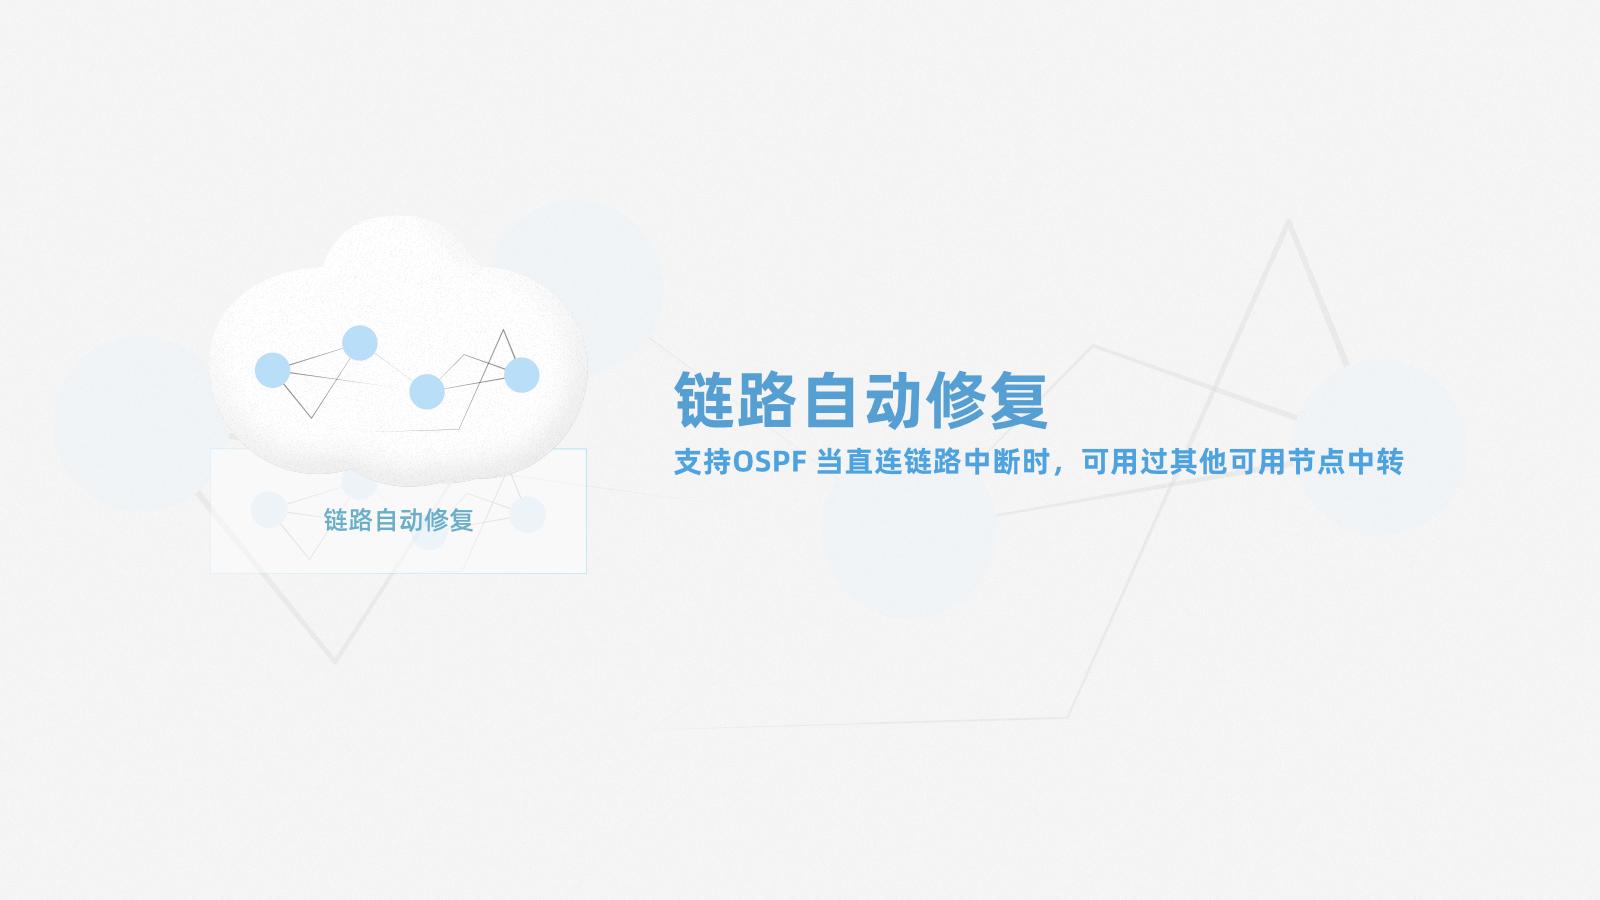 链路自动修复,支持OSPF